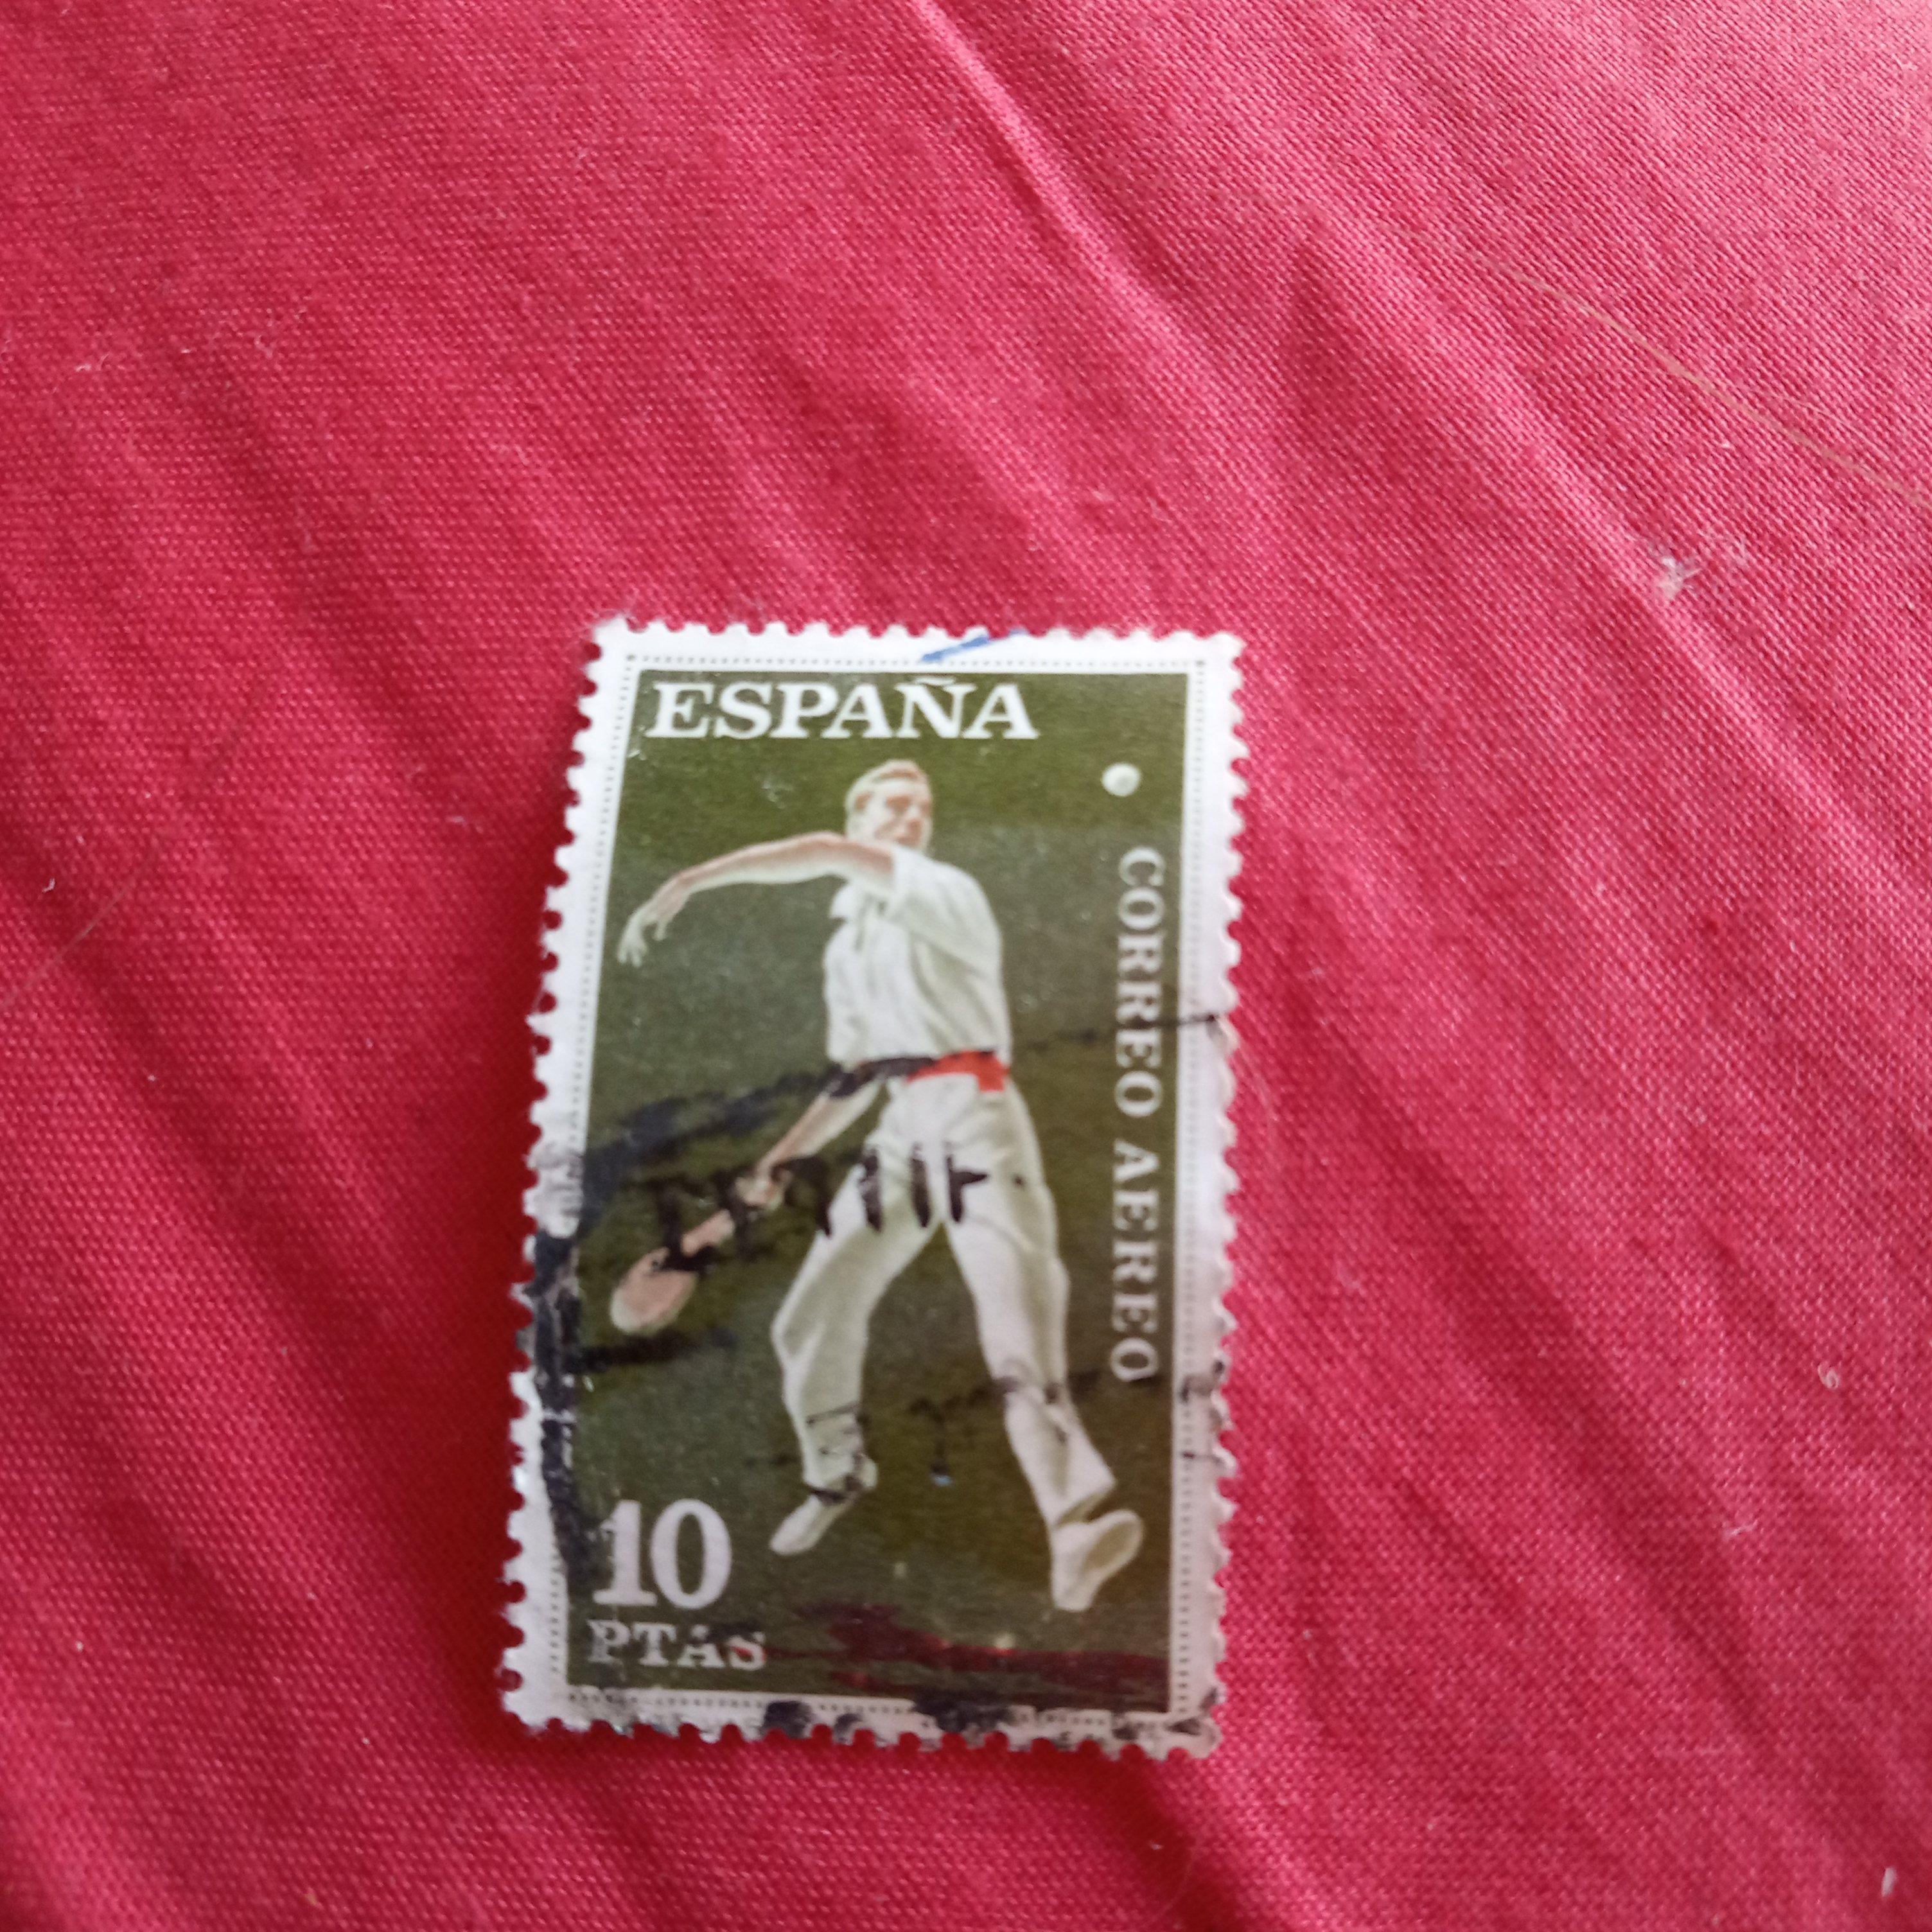 troc de troc réservé lot timbre espagne image 1